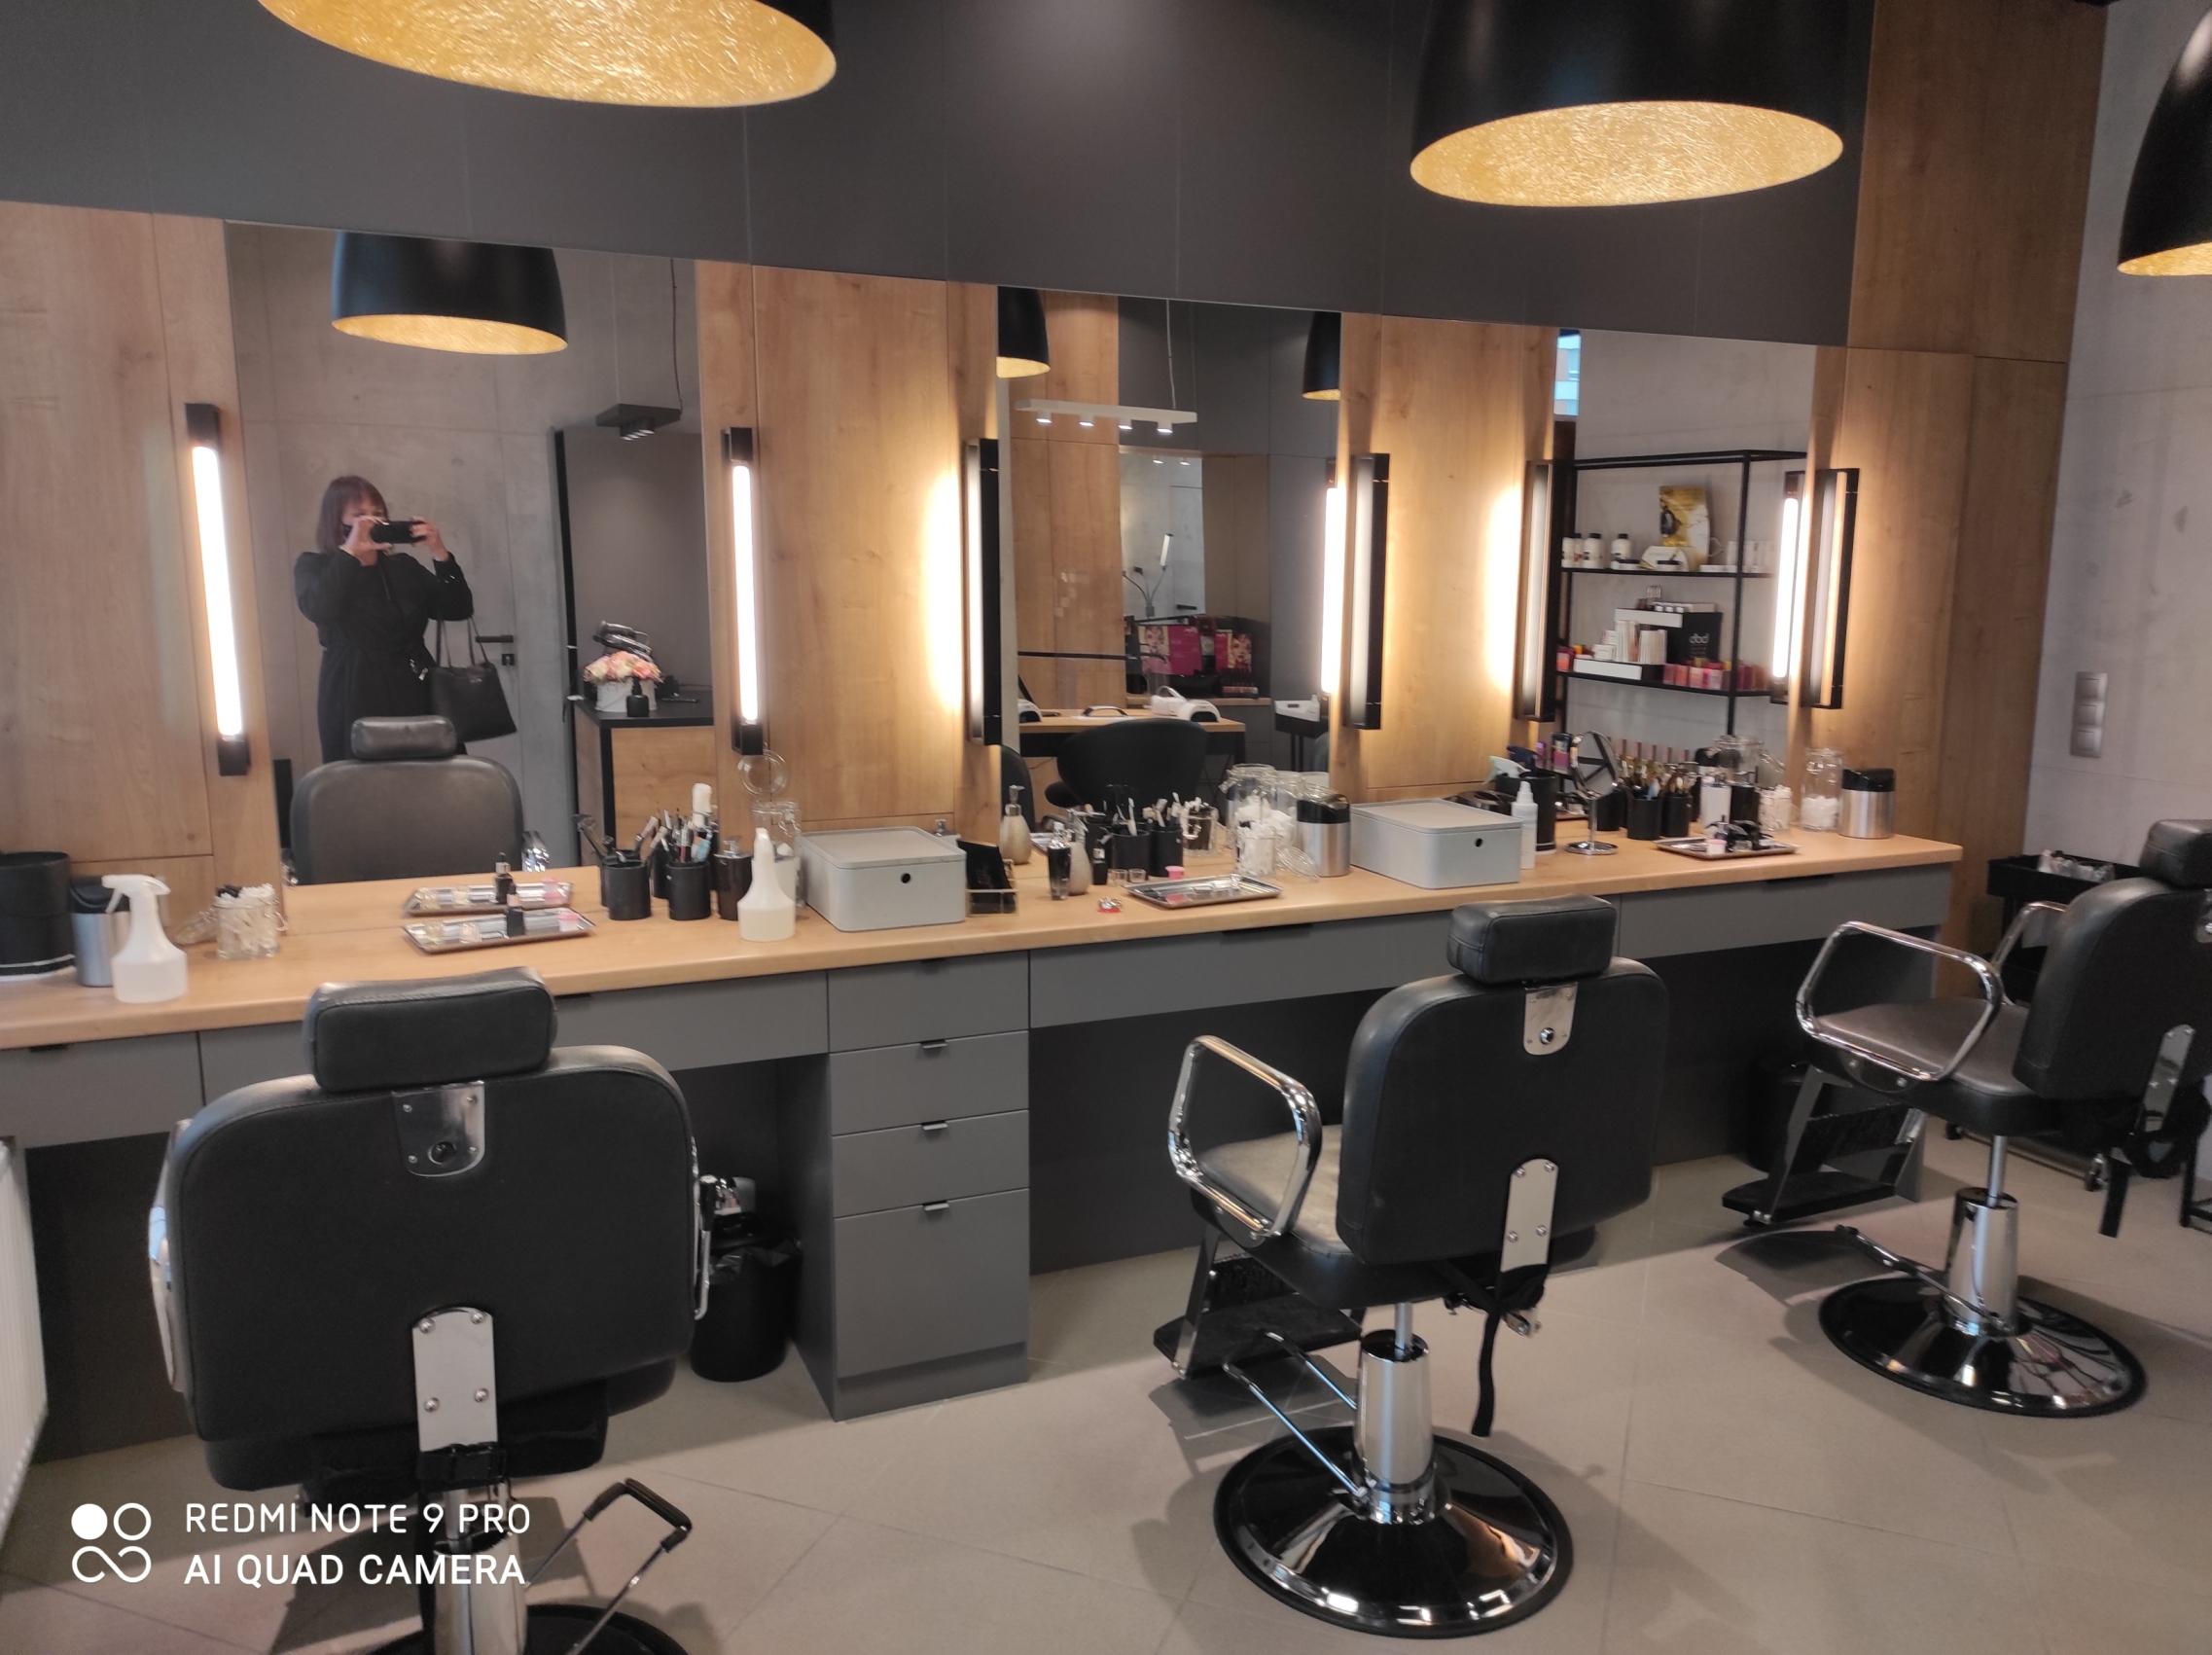 salon EyeBrow & Lash Bar